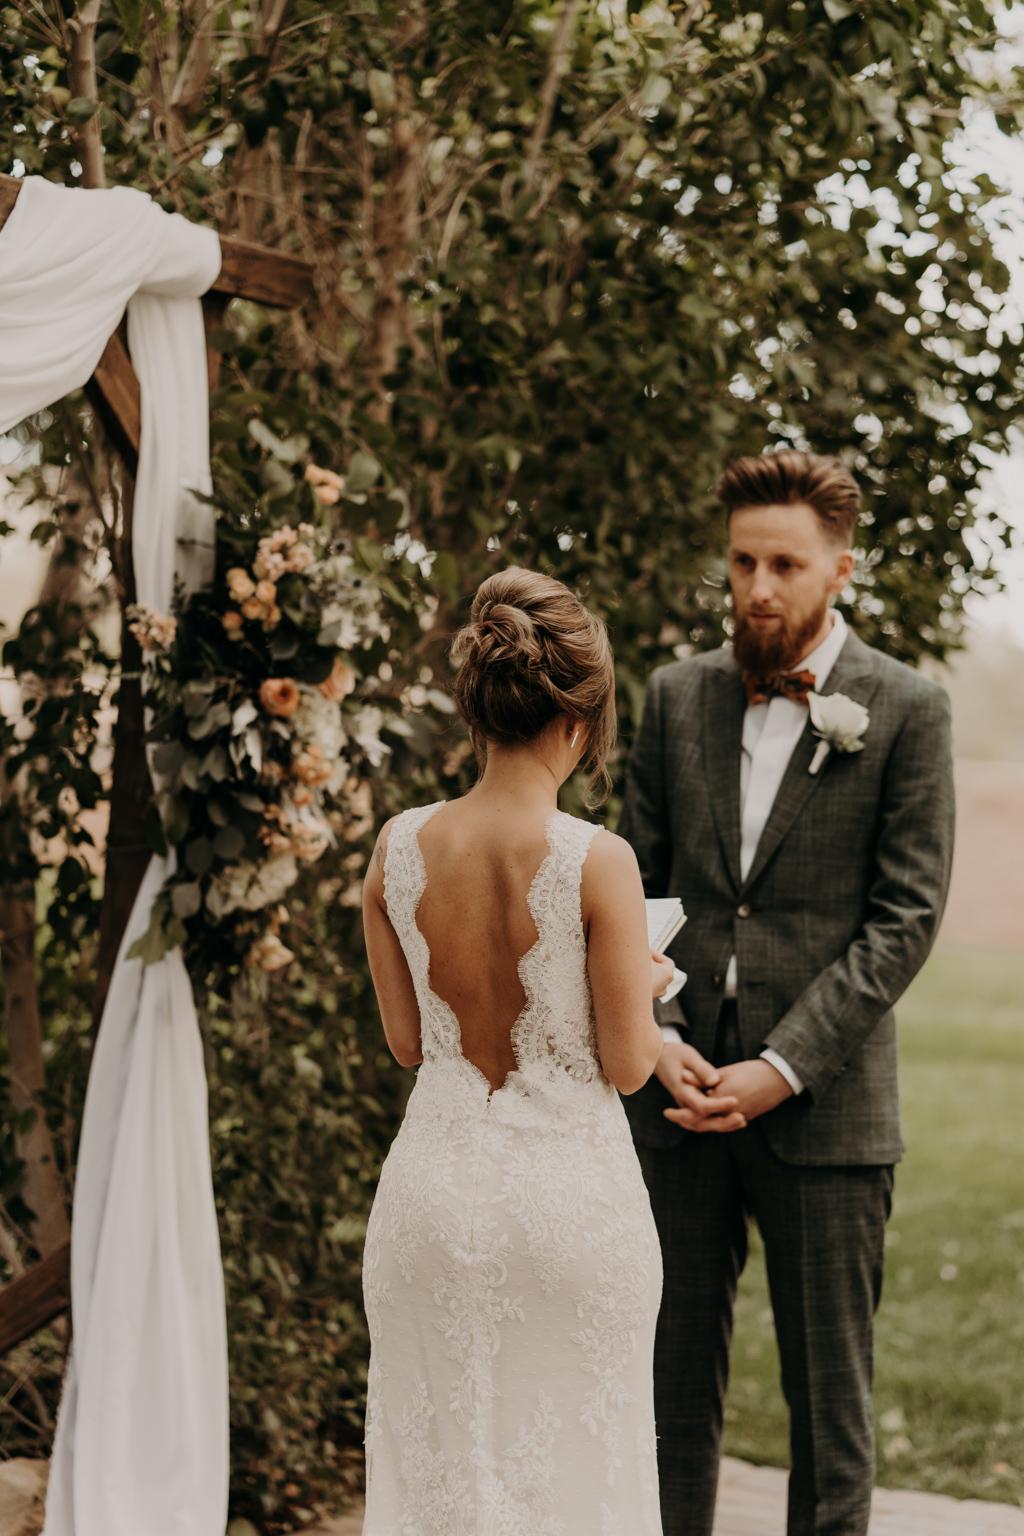 trouweninhetbuitenland_huwelijksfotografie_roxannedankers-24.jpg